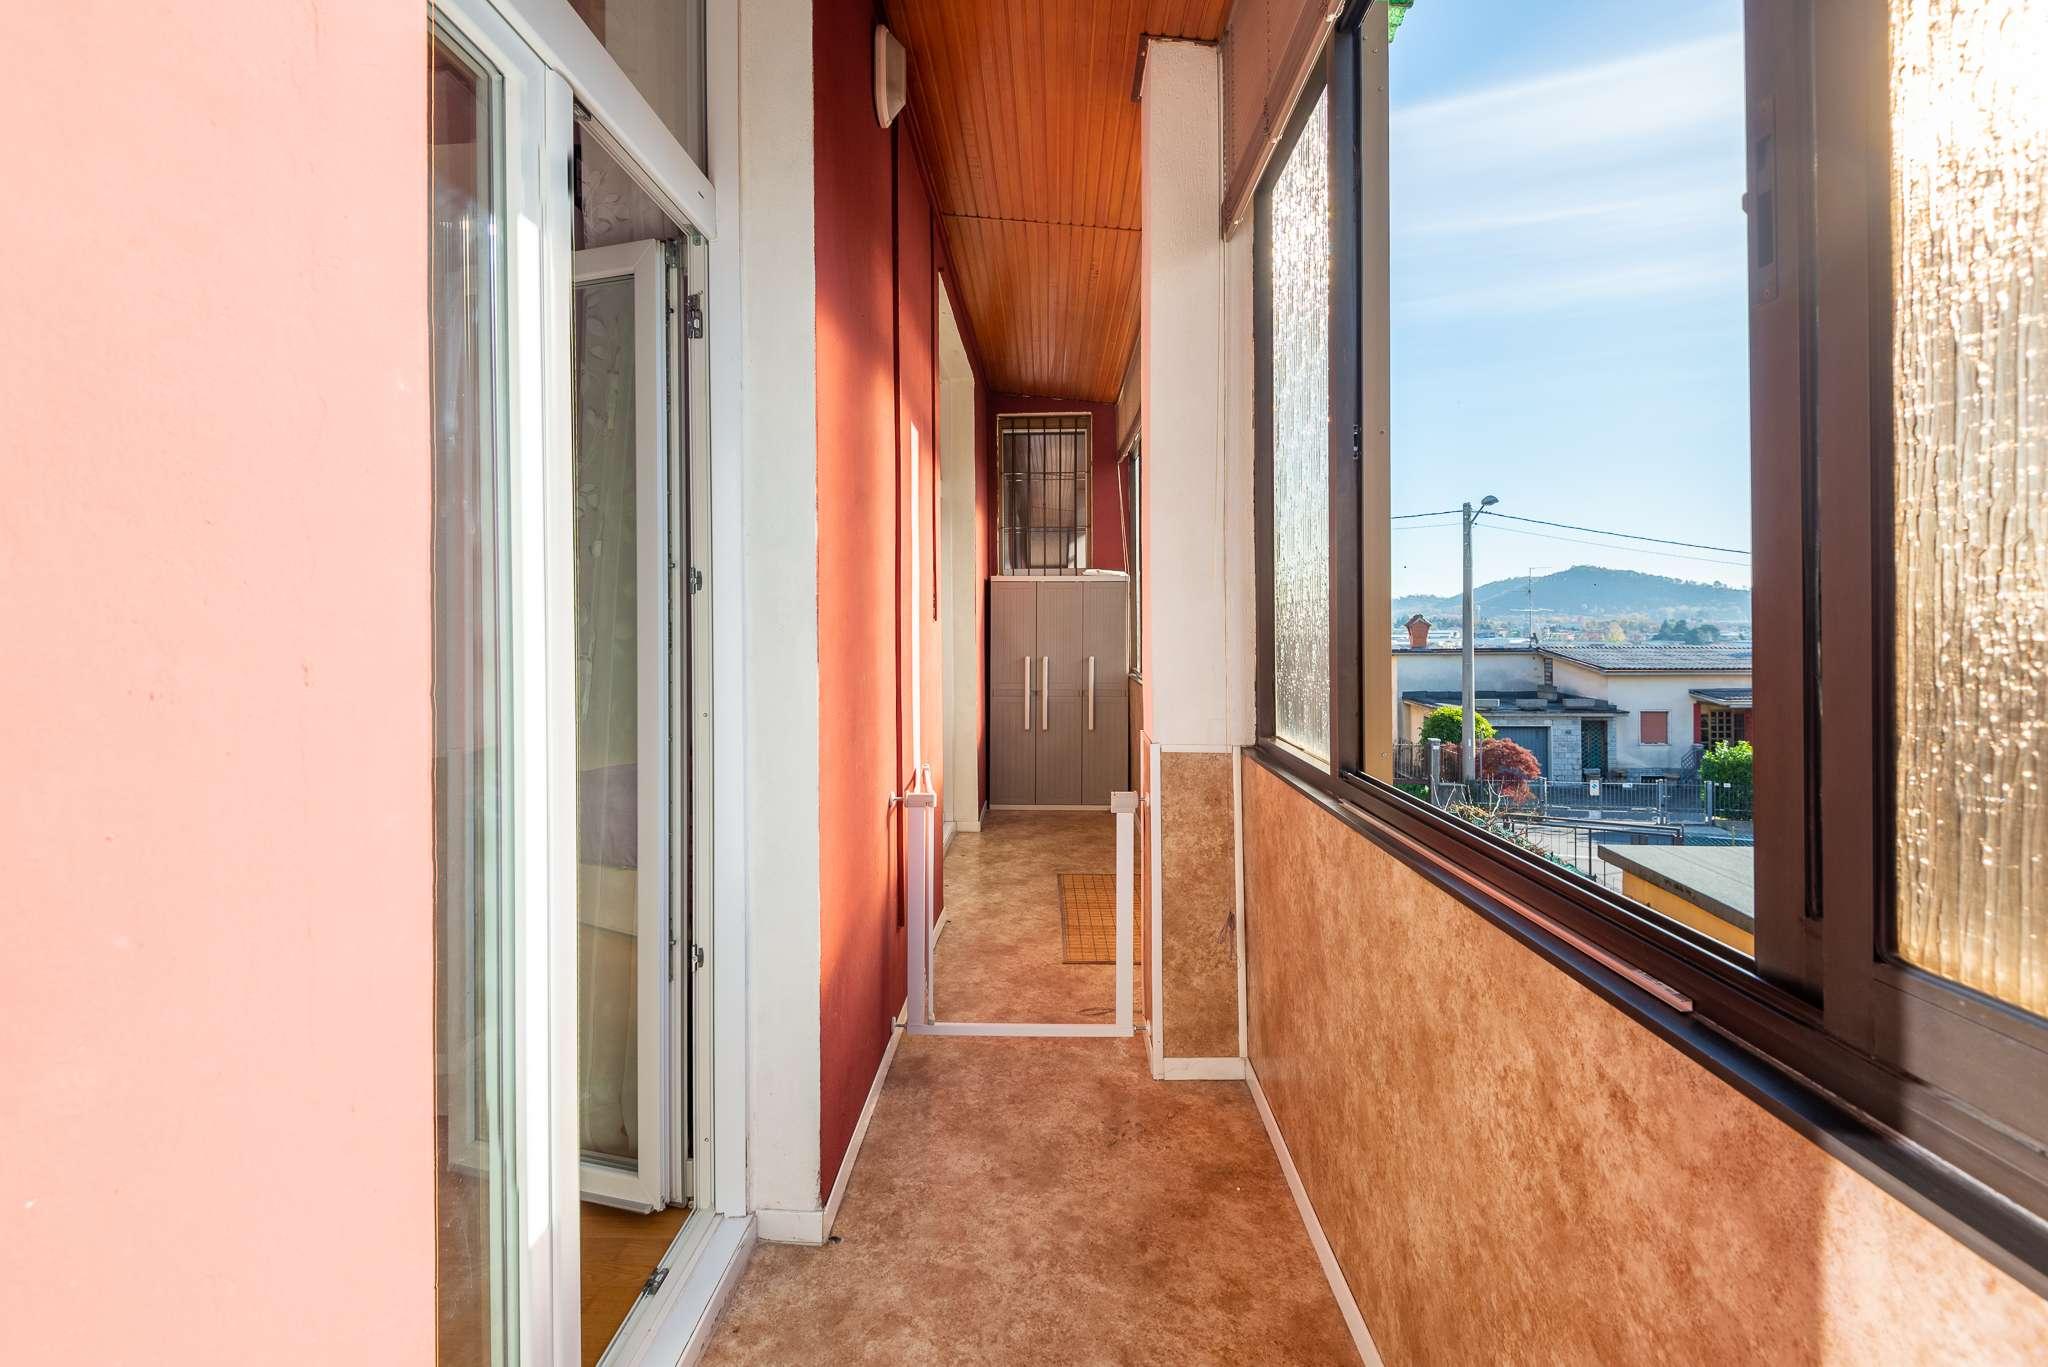 Appartamento in vendita a Brembate di Sopra, 3 locali, prezzo € 89.000 | PortaleAgenzieImmobiliari.it